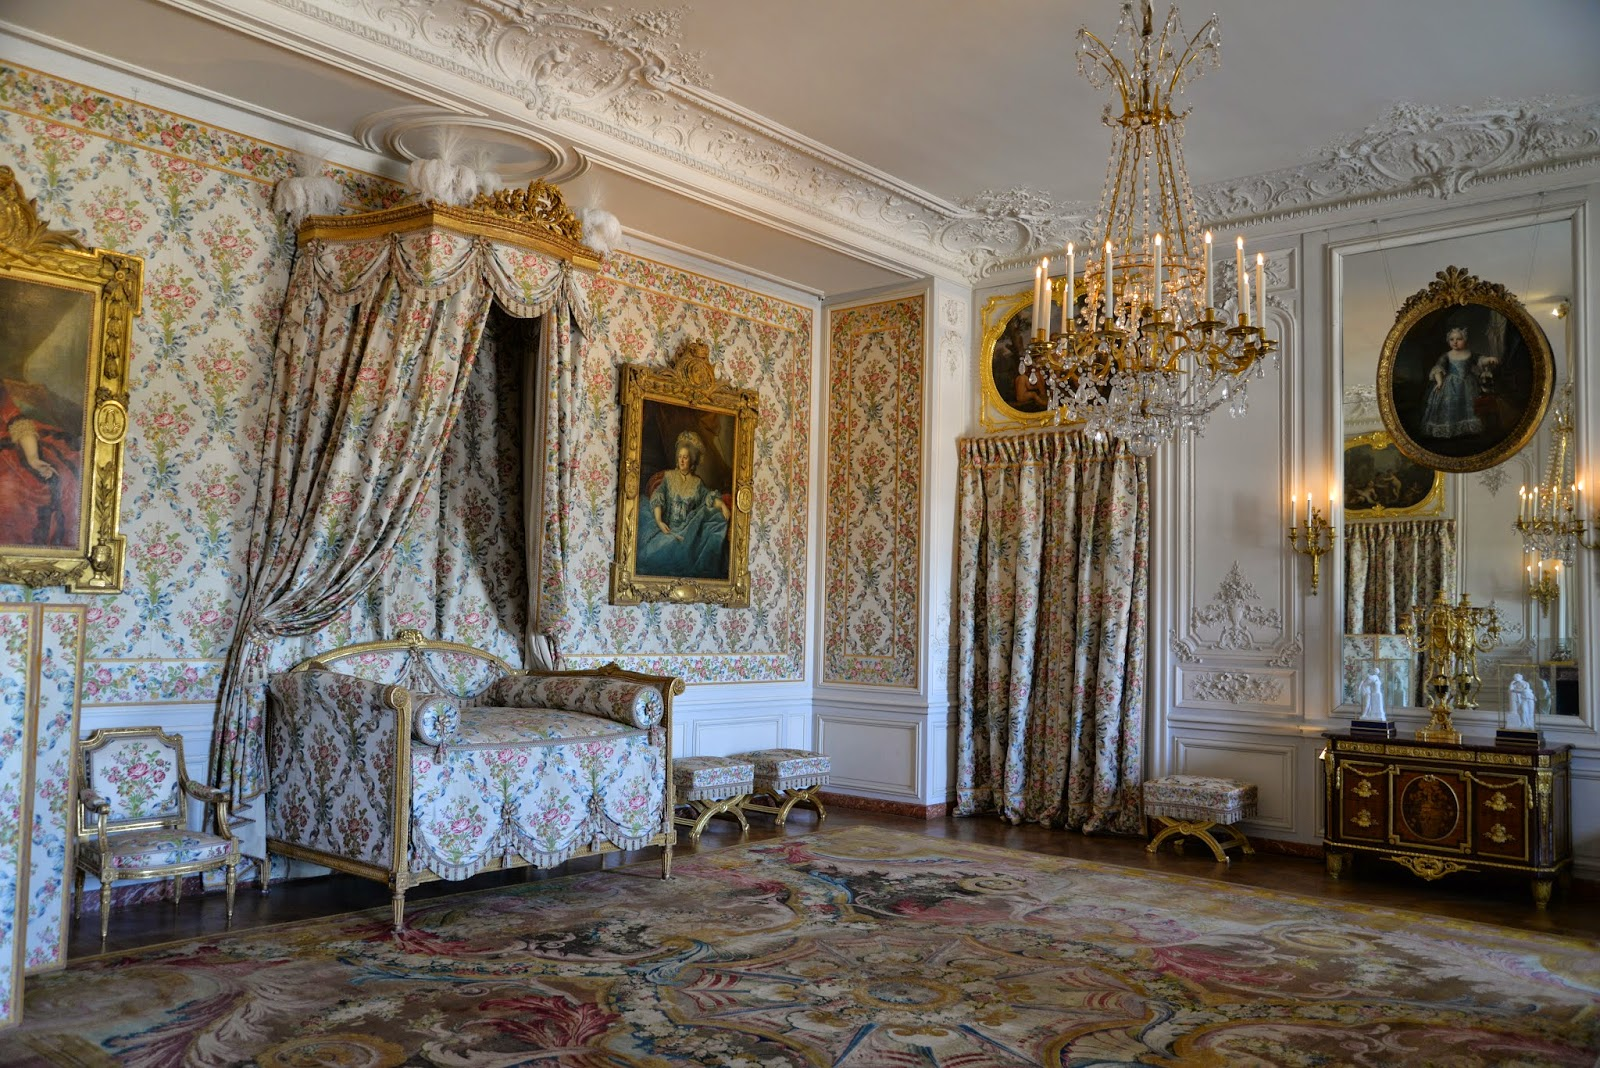 Cubo et excubo mesdames 39 apartments versailles for Chambre louis xvi versailles